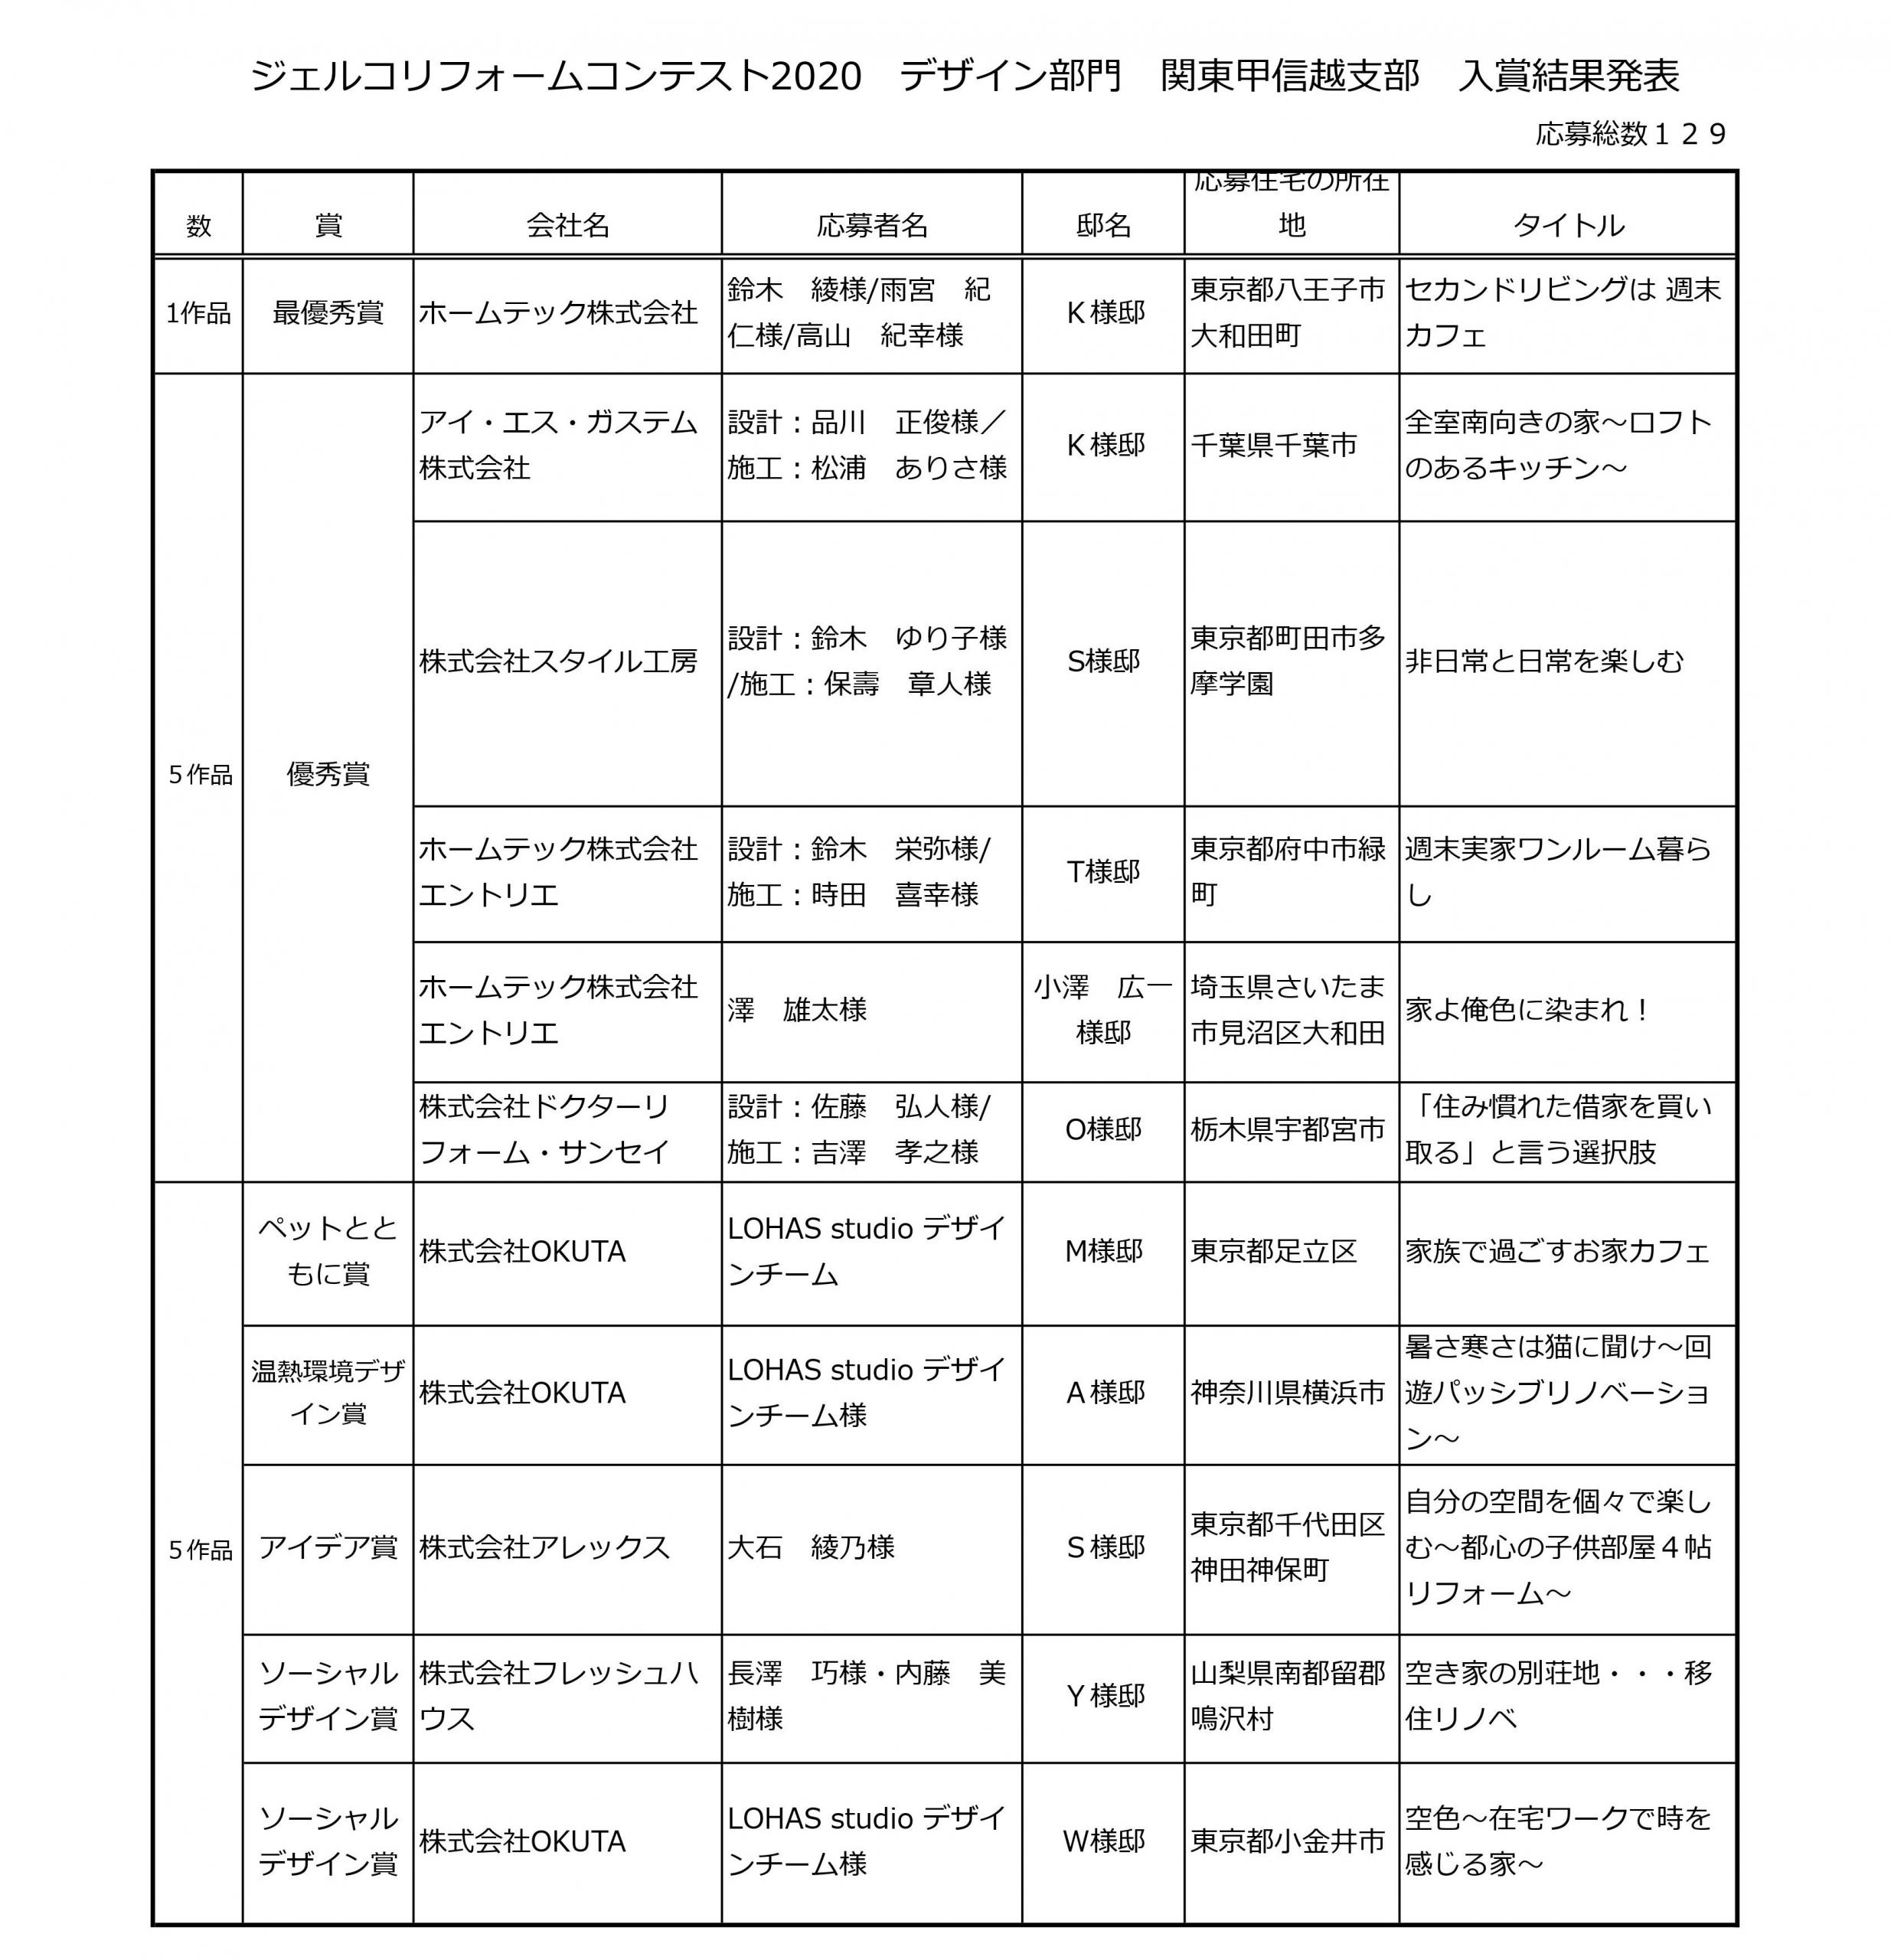 ジェルコリフォームコンテスト2020 デザイン部門 関東甲信越支部入賞結果発表